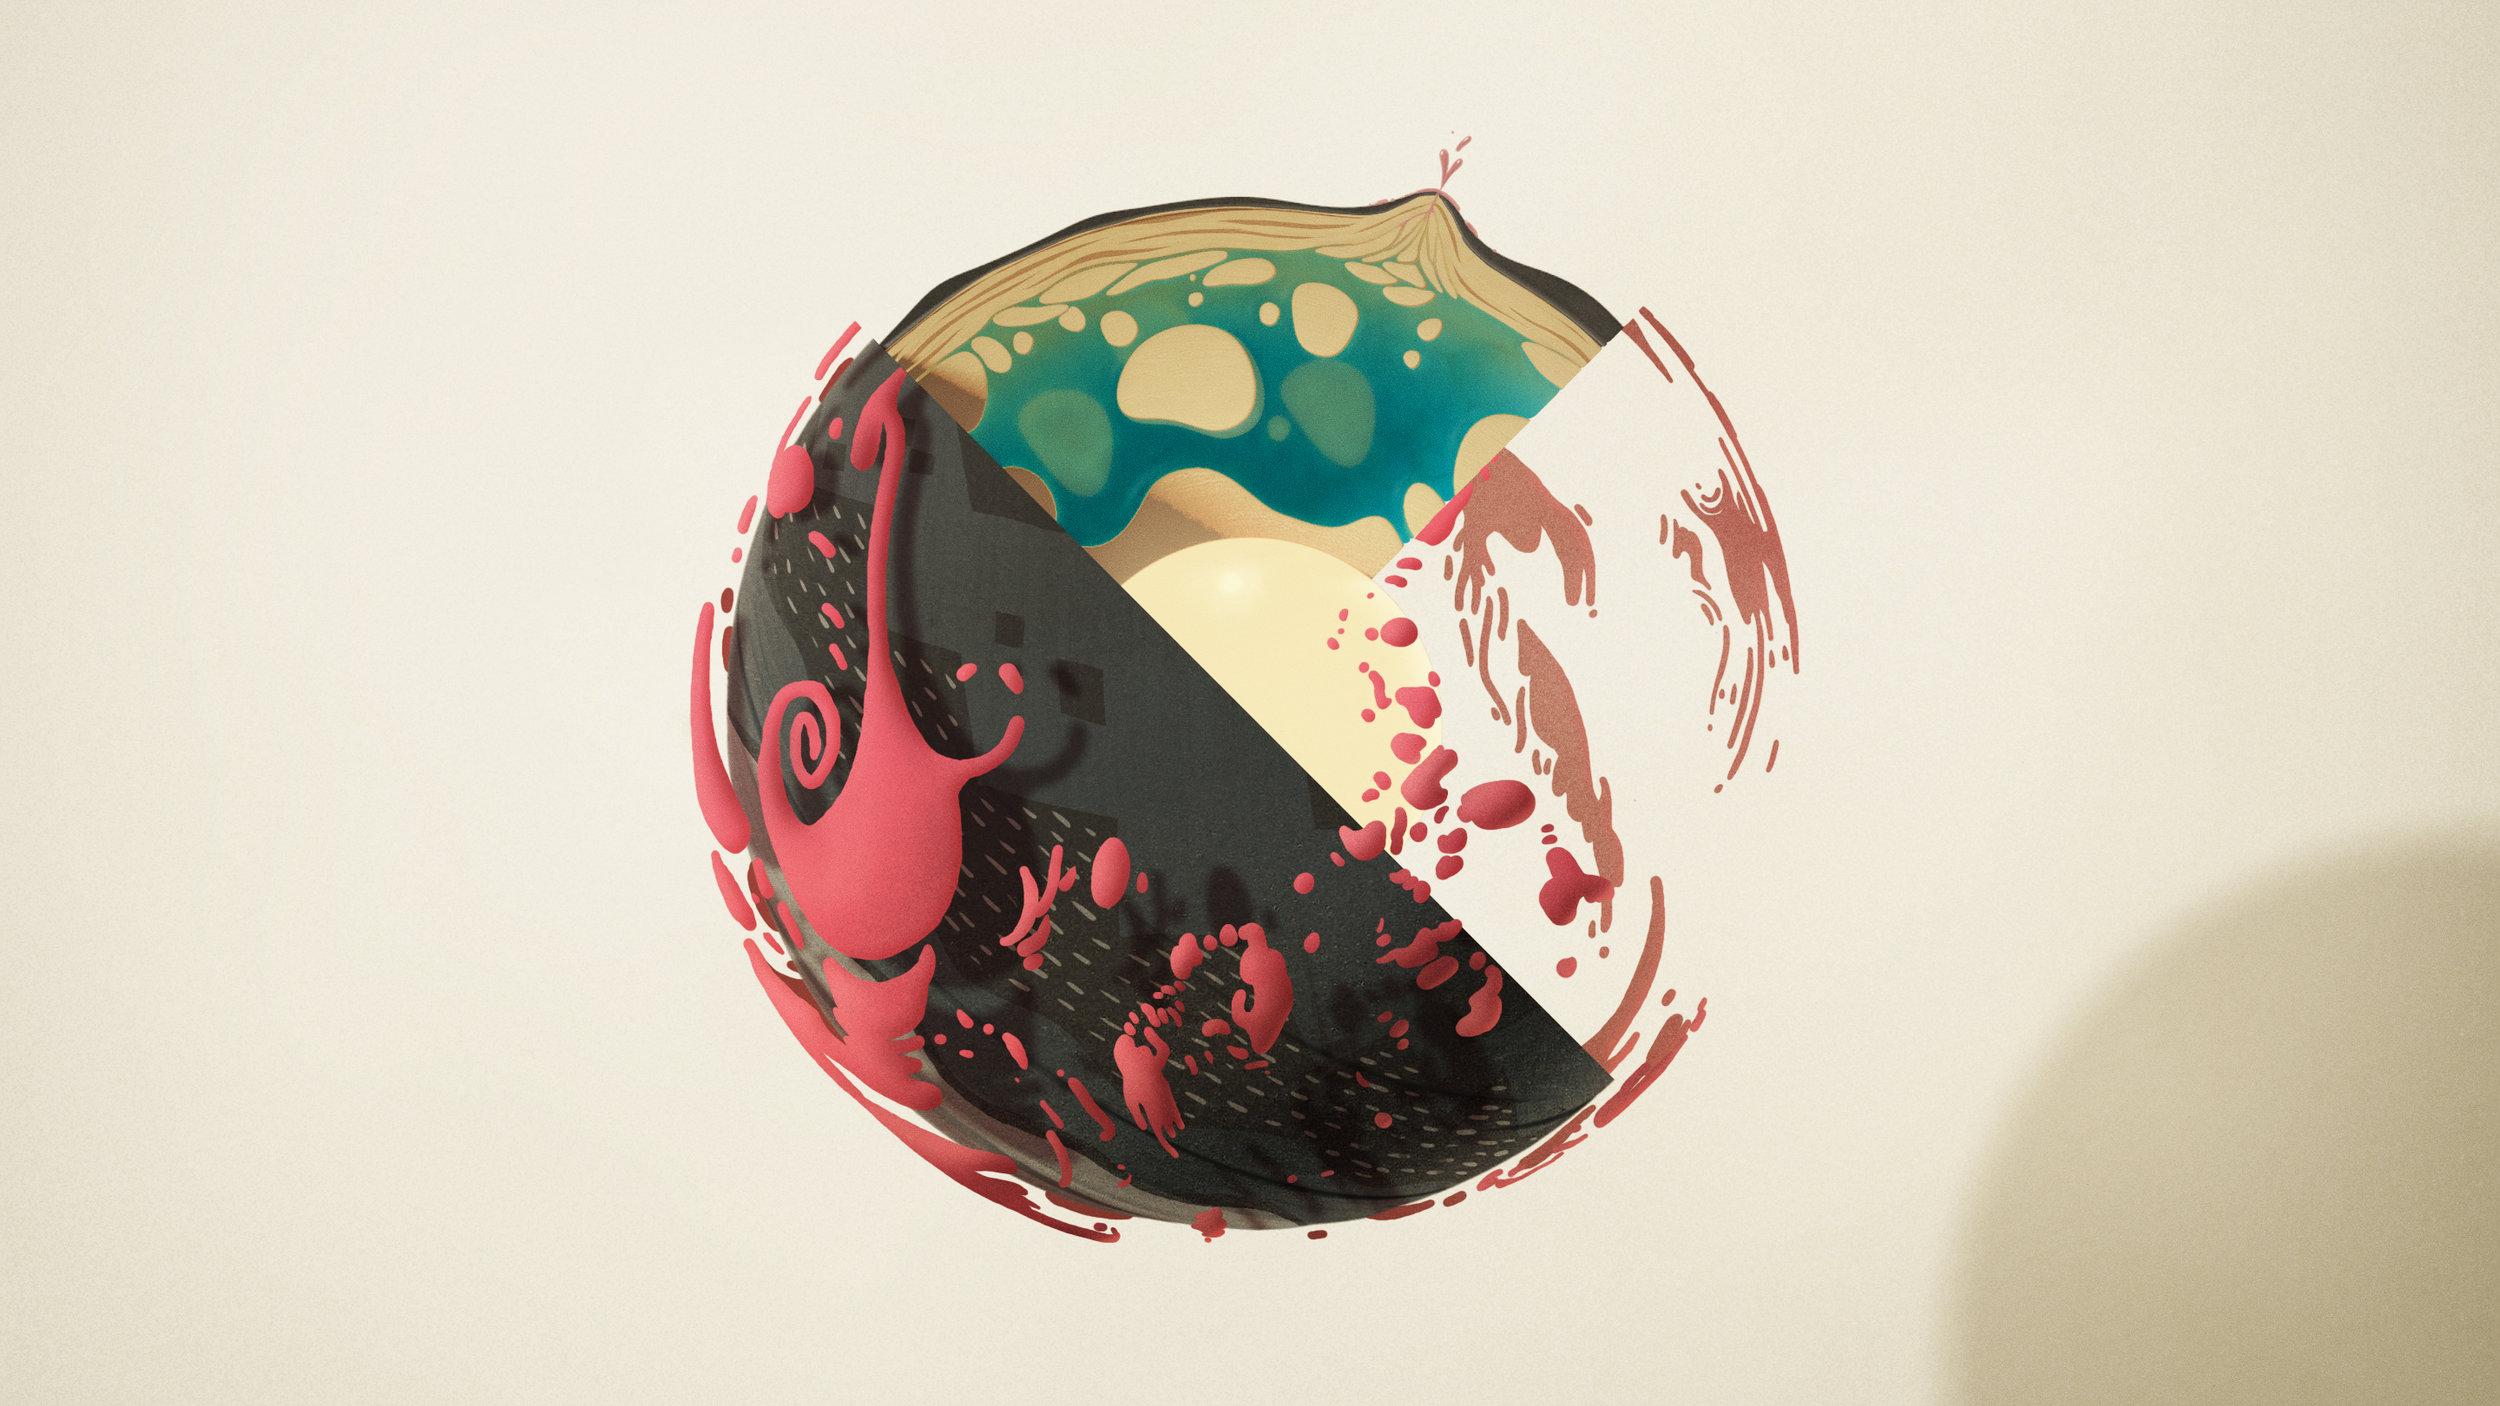 03_sphere.jpg